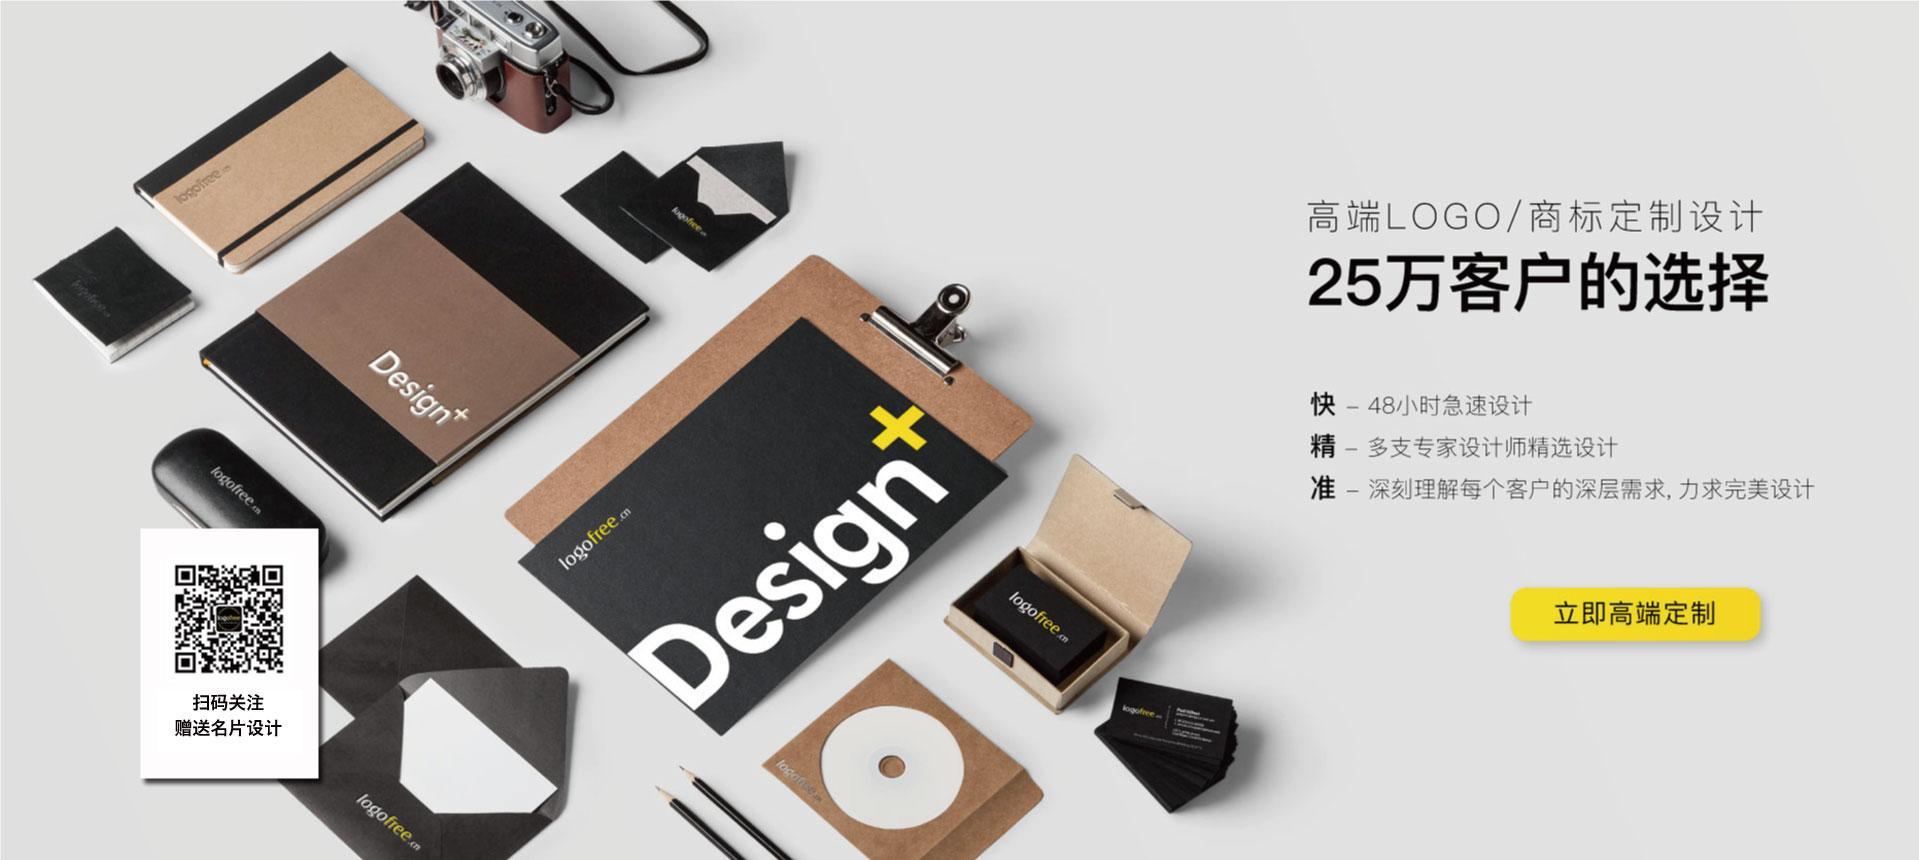 企业logo专业定制,百万客户选择logofree!